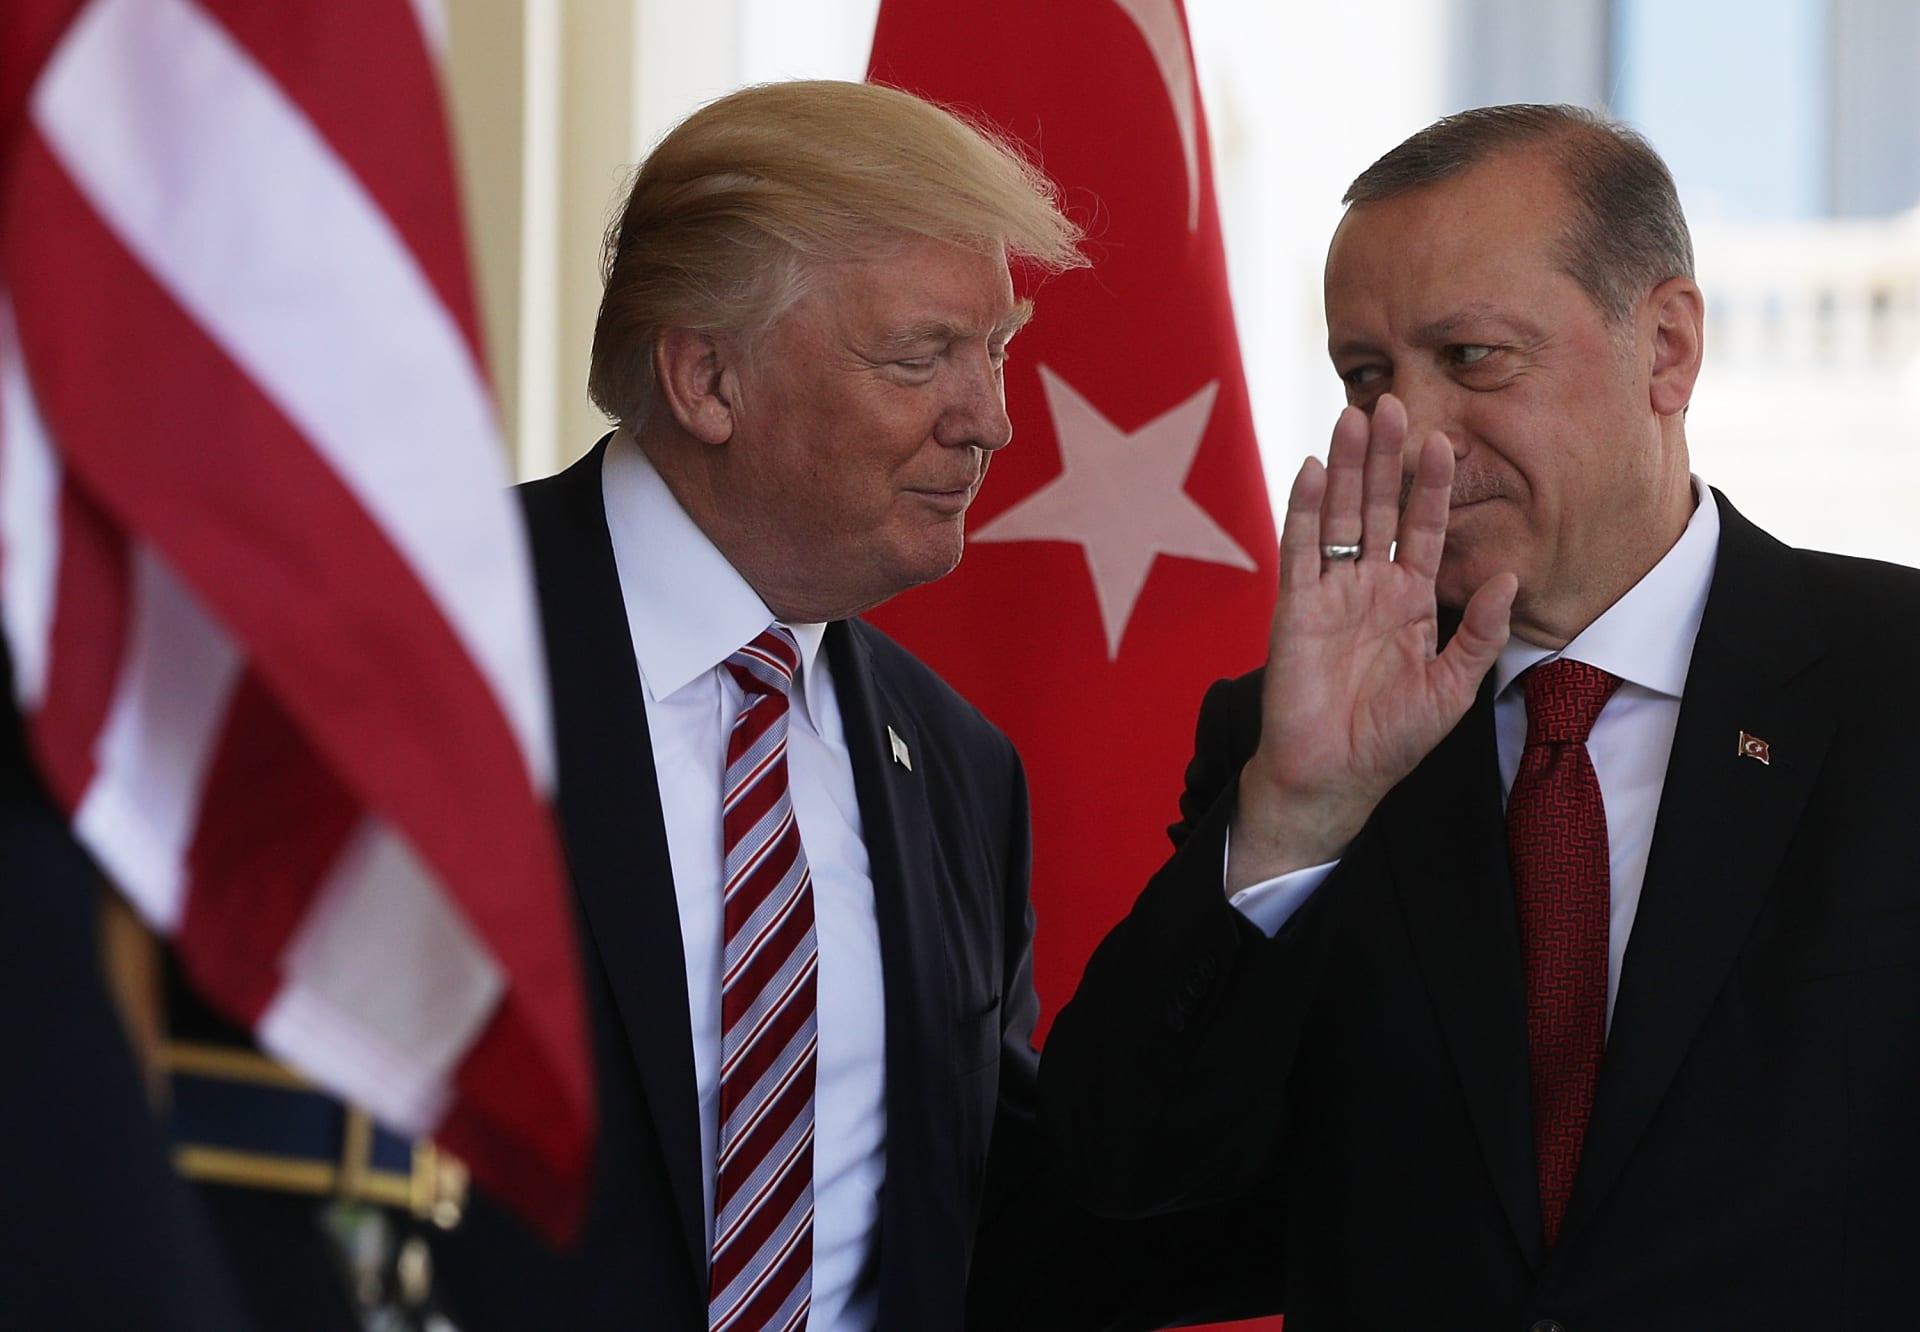 أمريكا تدين إعلان تركيا عودة سفينتها إلى شرقي المتوسط لاستئناف أعمال التنقيب